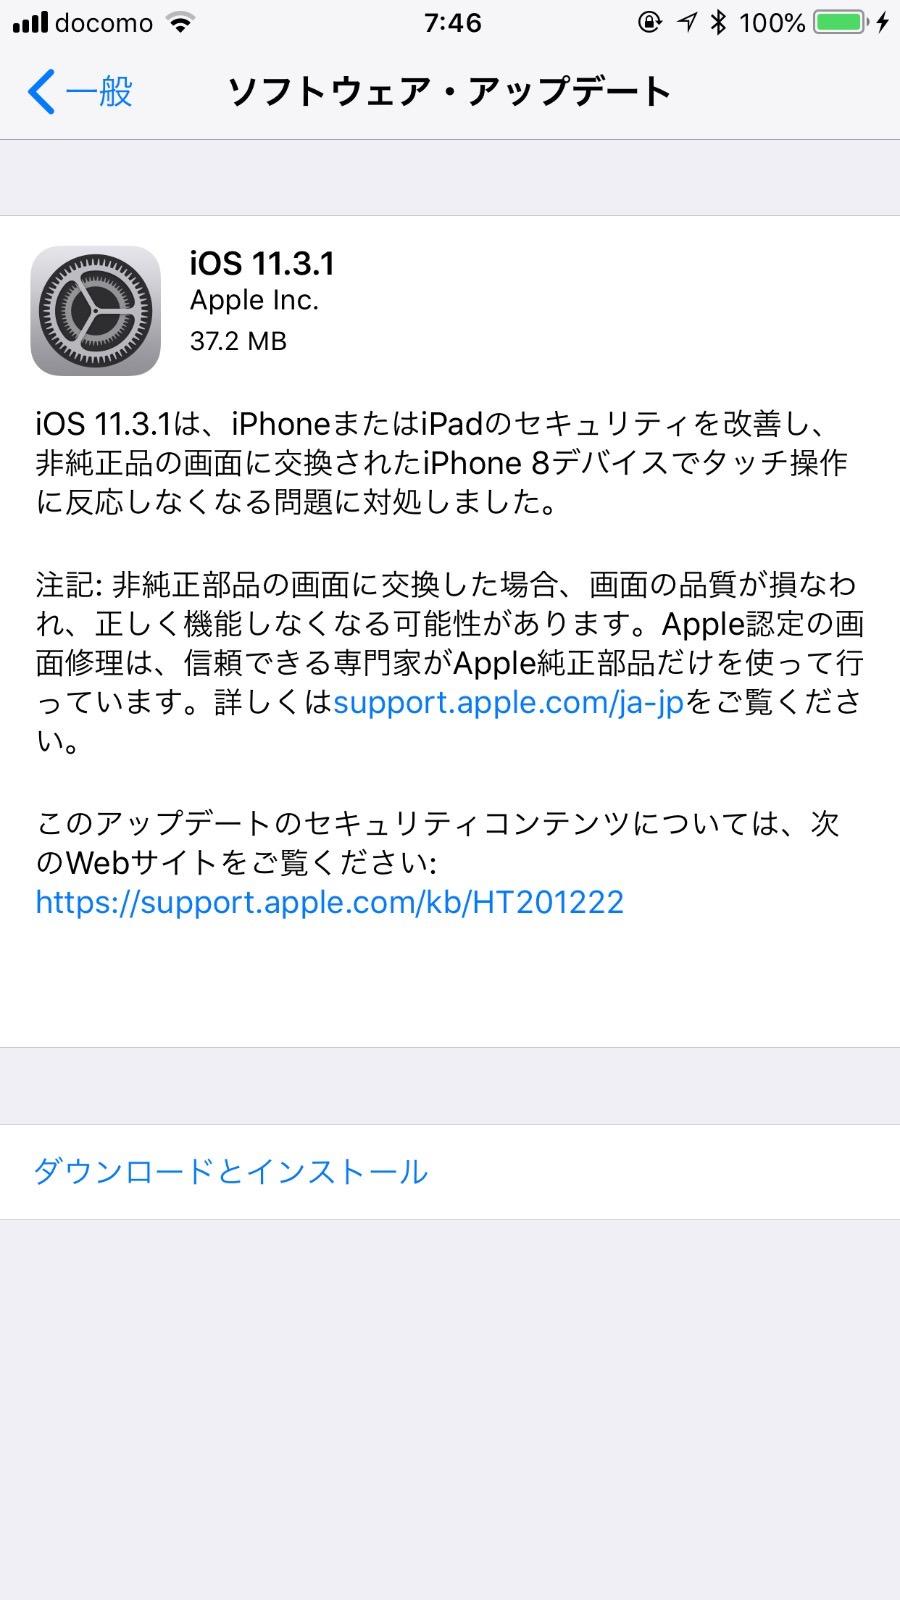 「iOS 11.3.1 ソフトウェアアップデート」リリース 〜液晶交換でiPhone 8のタッチ操作が効かなくなる問題を解決